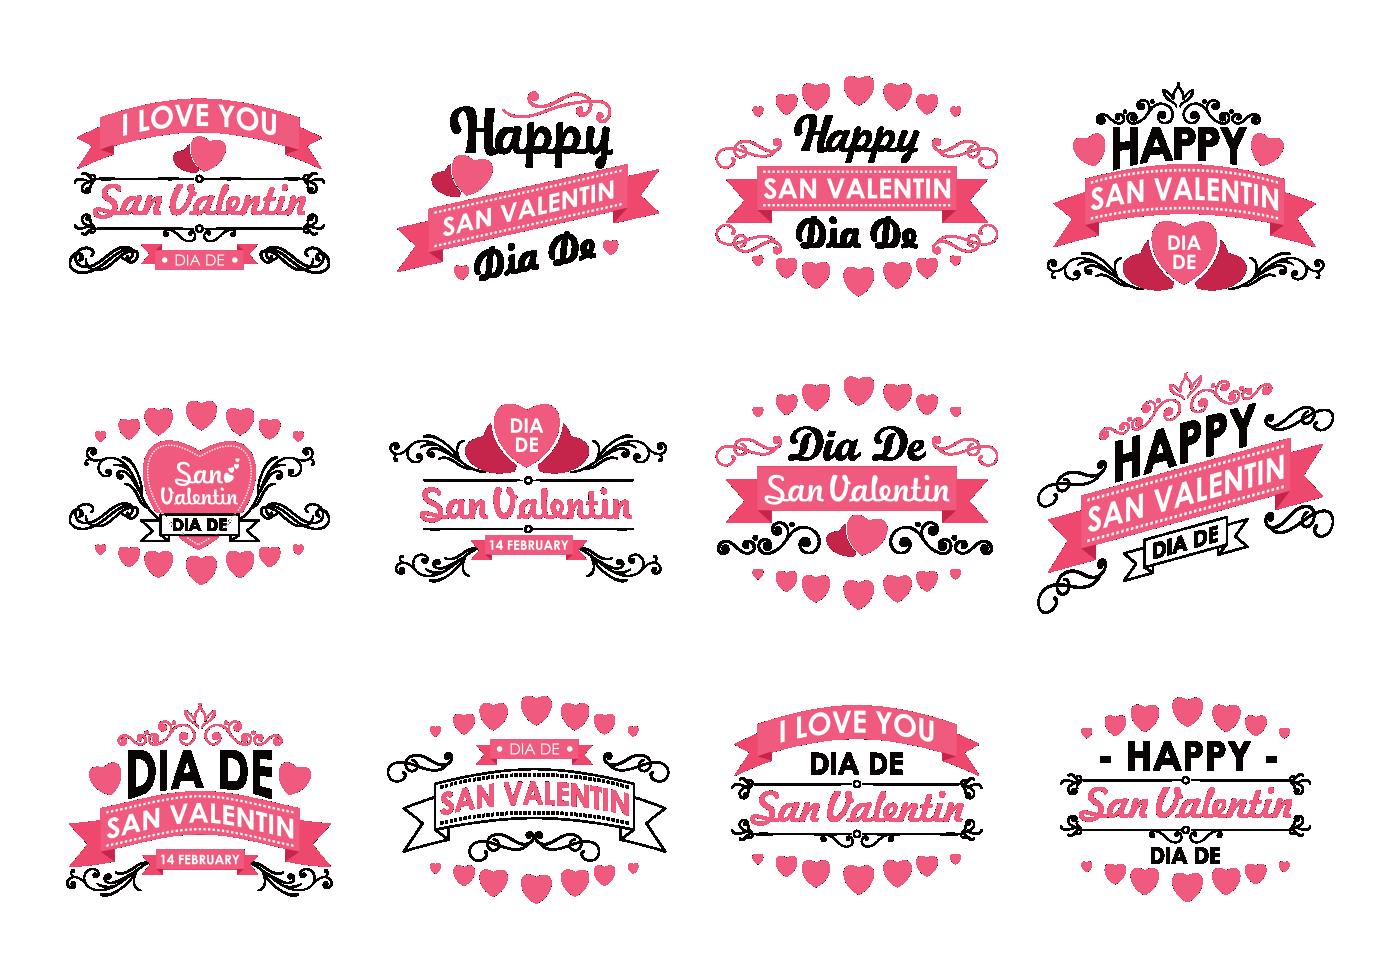 San Valentin Design - Download Free Vectors, Clipart ...